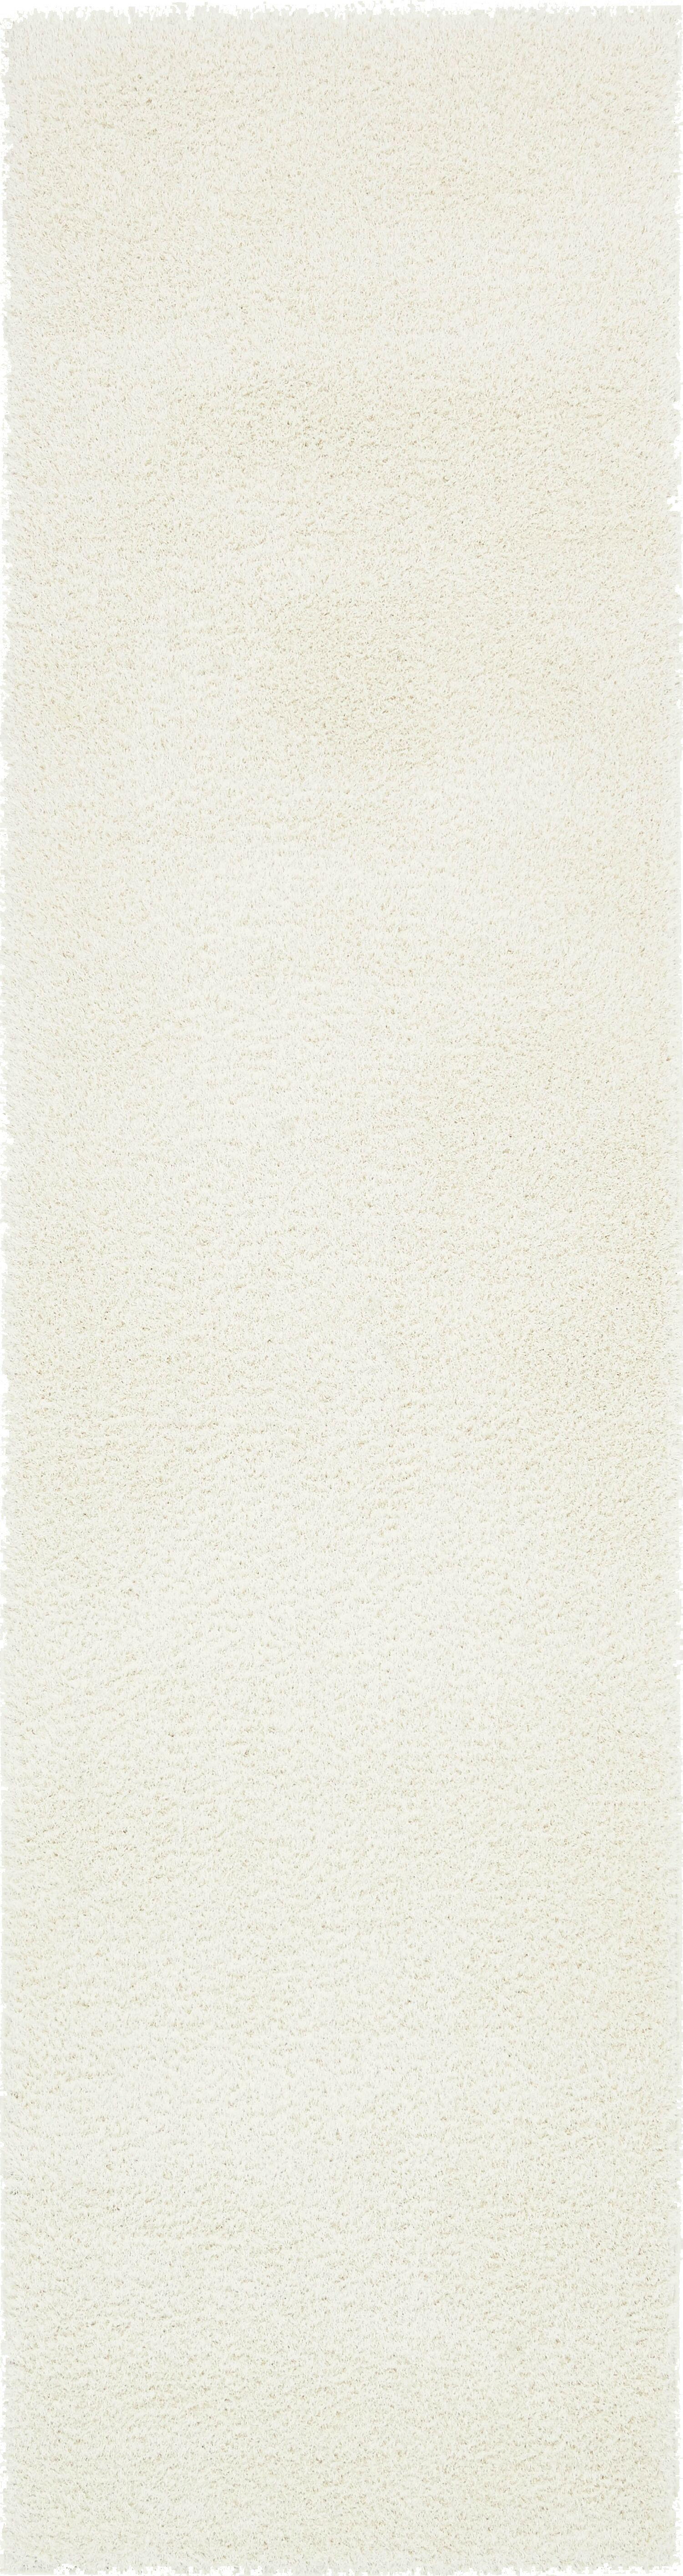 Kostka White Area Rug Rug Size: Runner 2'7